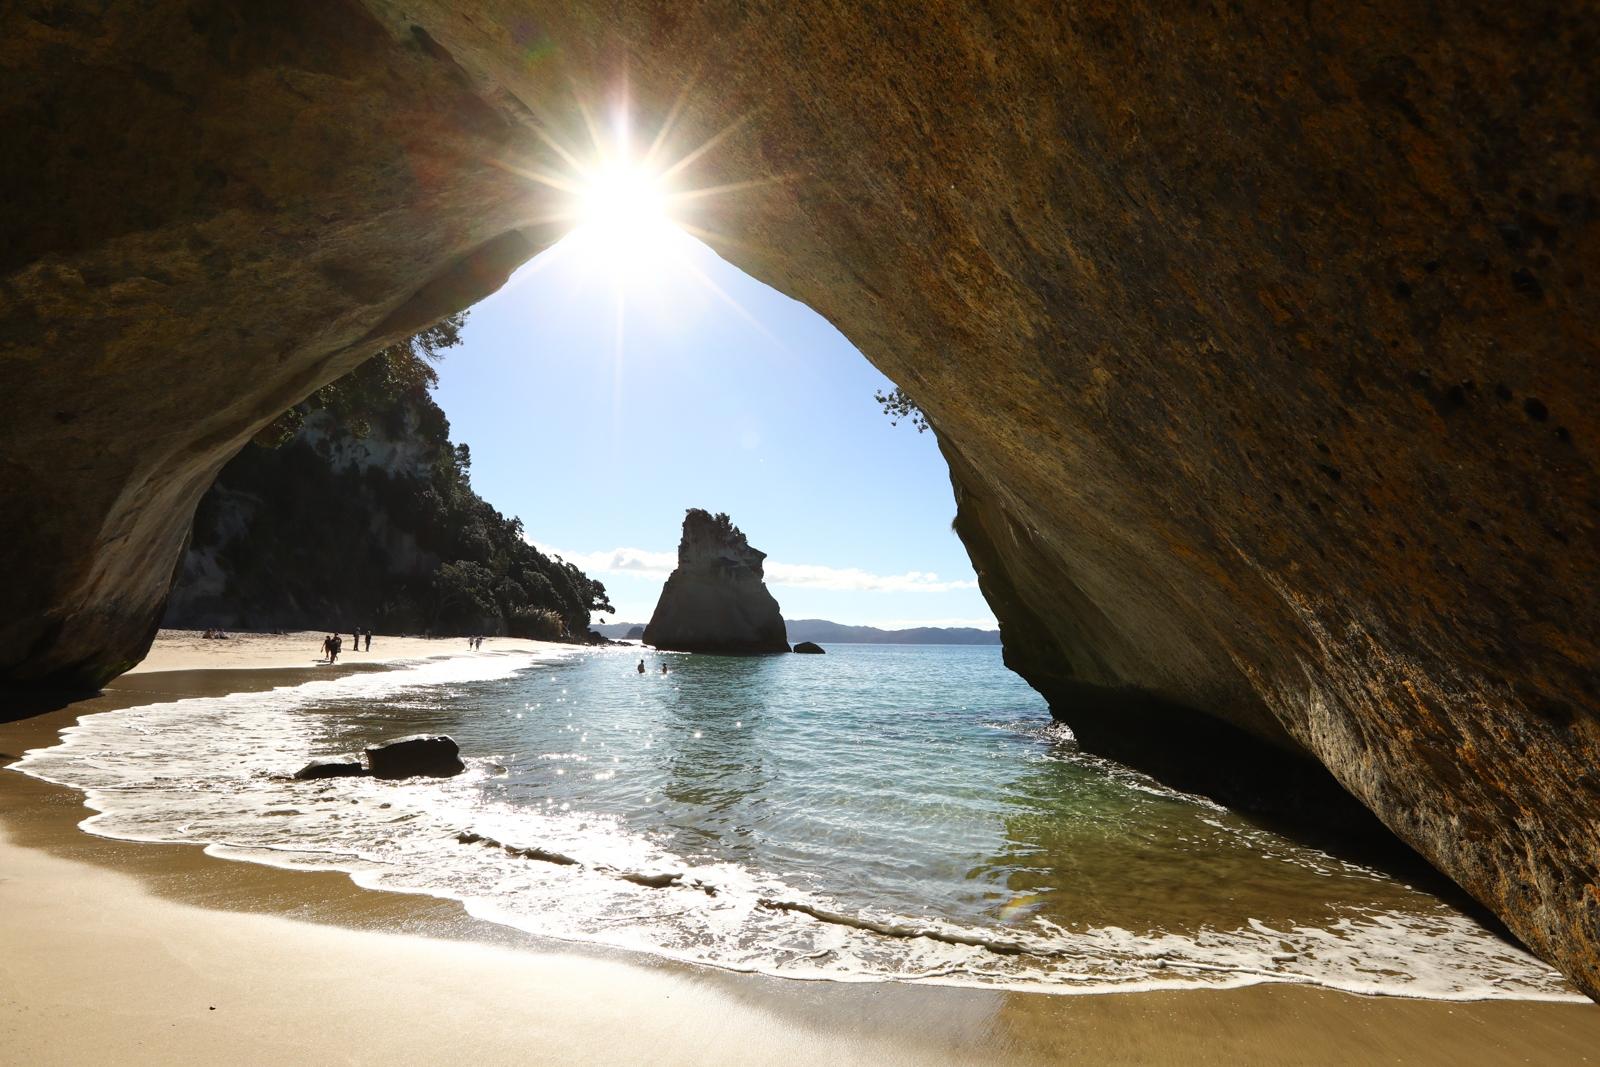 Raio de sol quando chegou ao ponto exato para a foto na Cathedral Cove, Nova Zelândia